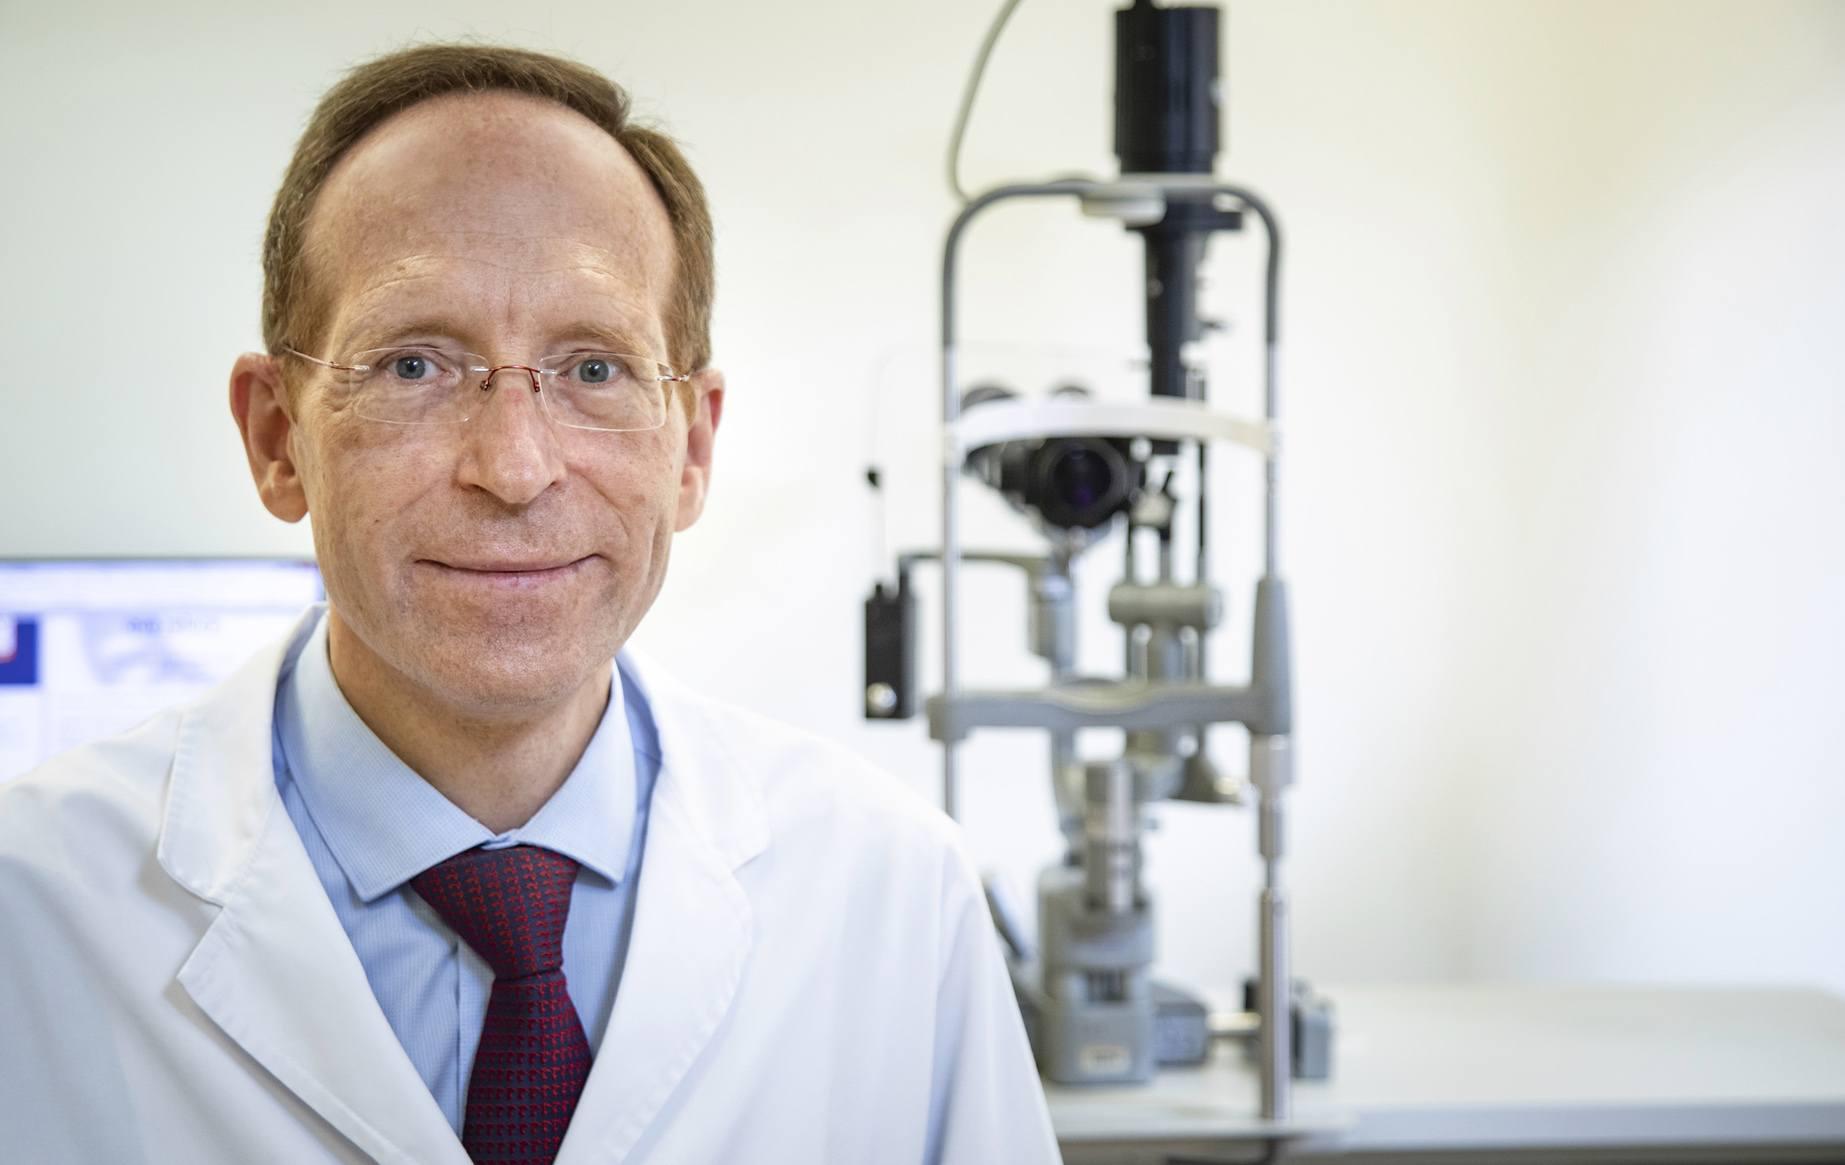 El Dpto. de Retina de ICR participa en el estudio LIGHTSITE II de LumiThera para el tratamiento de la DMAE atrófica